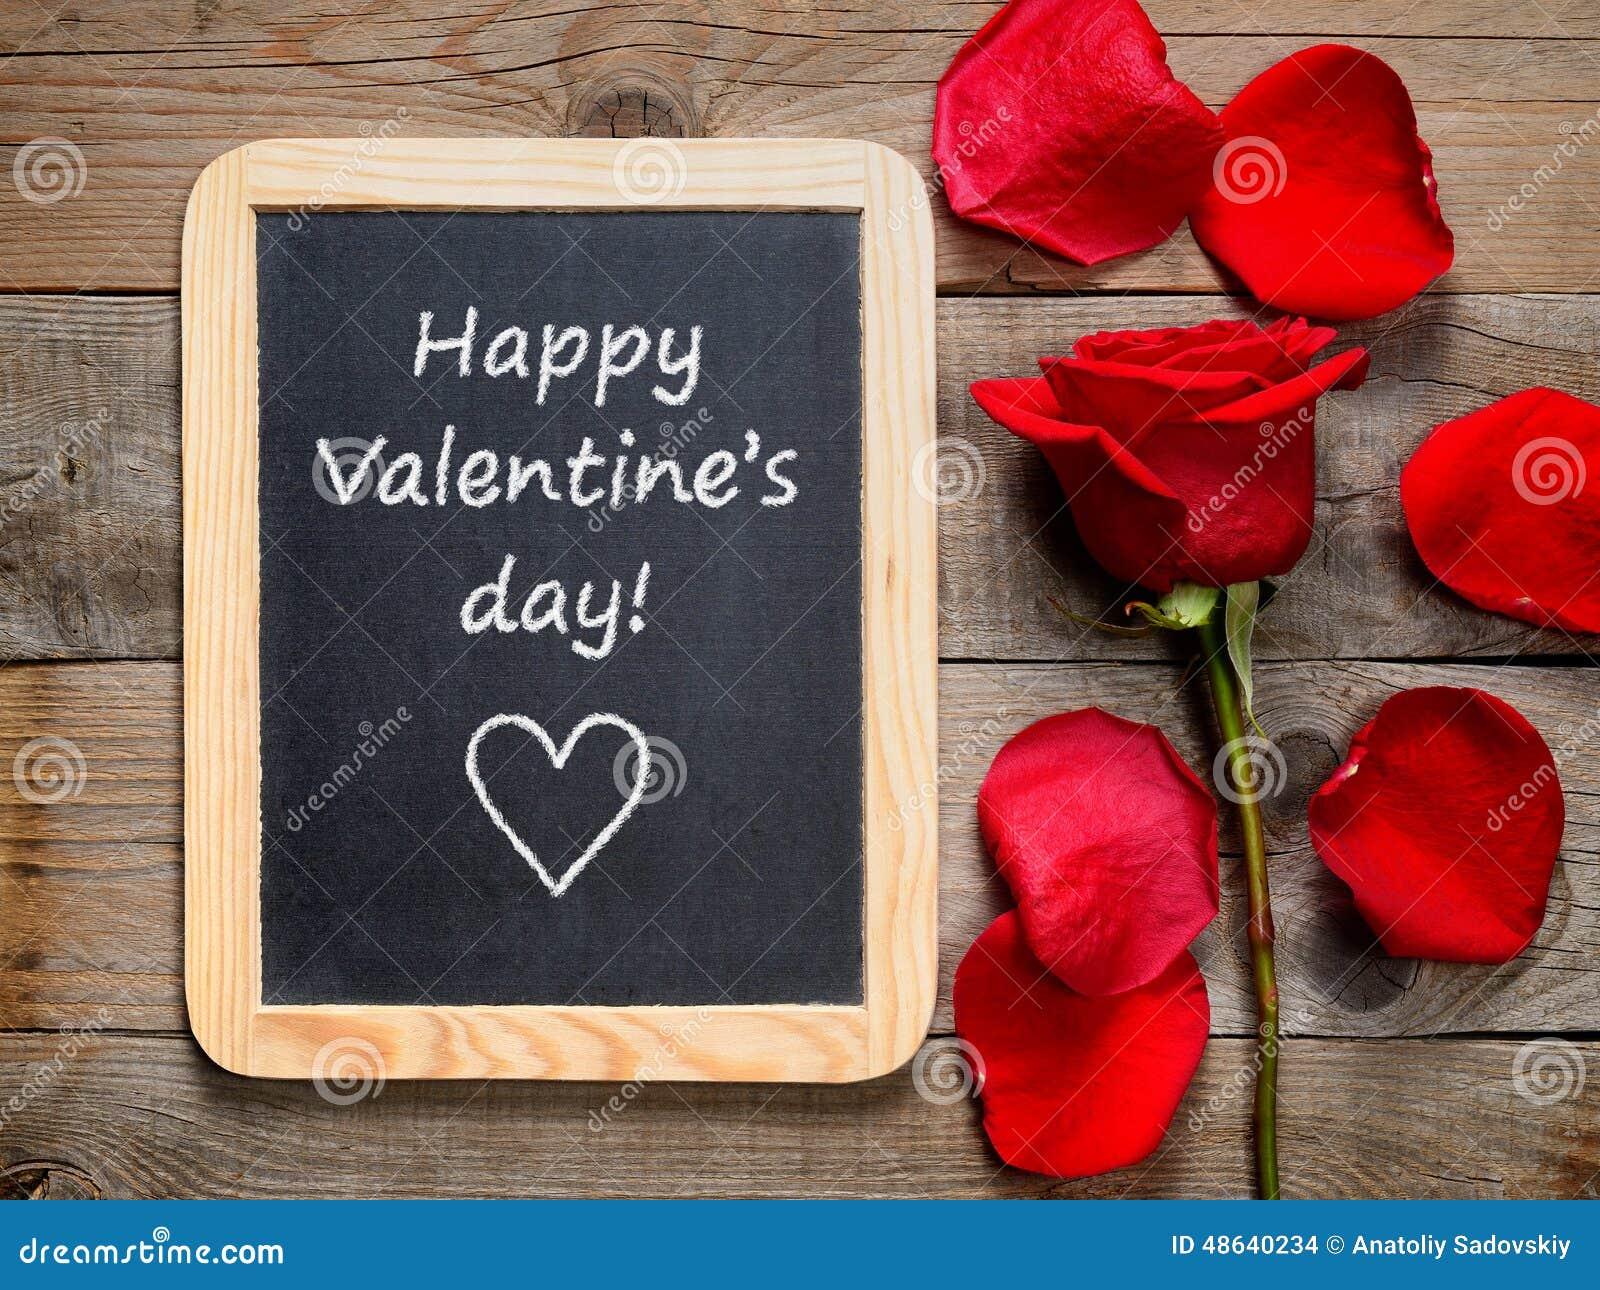 红色玫瑰和愉快的情人节!文本